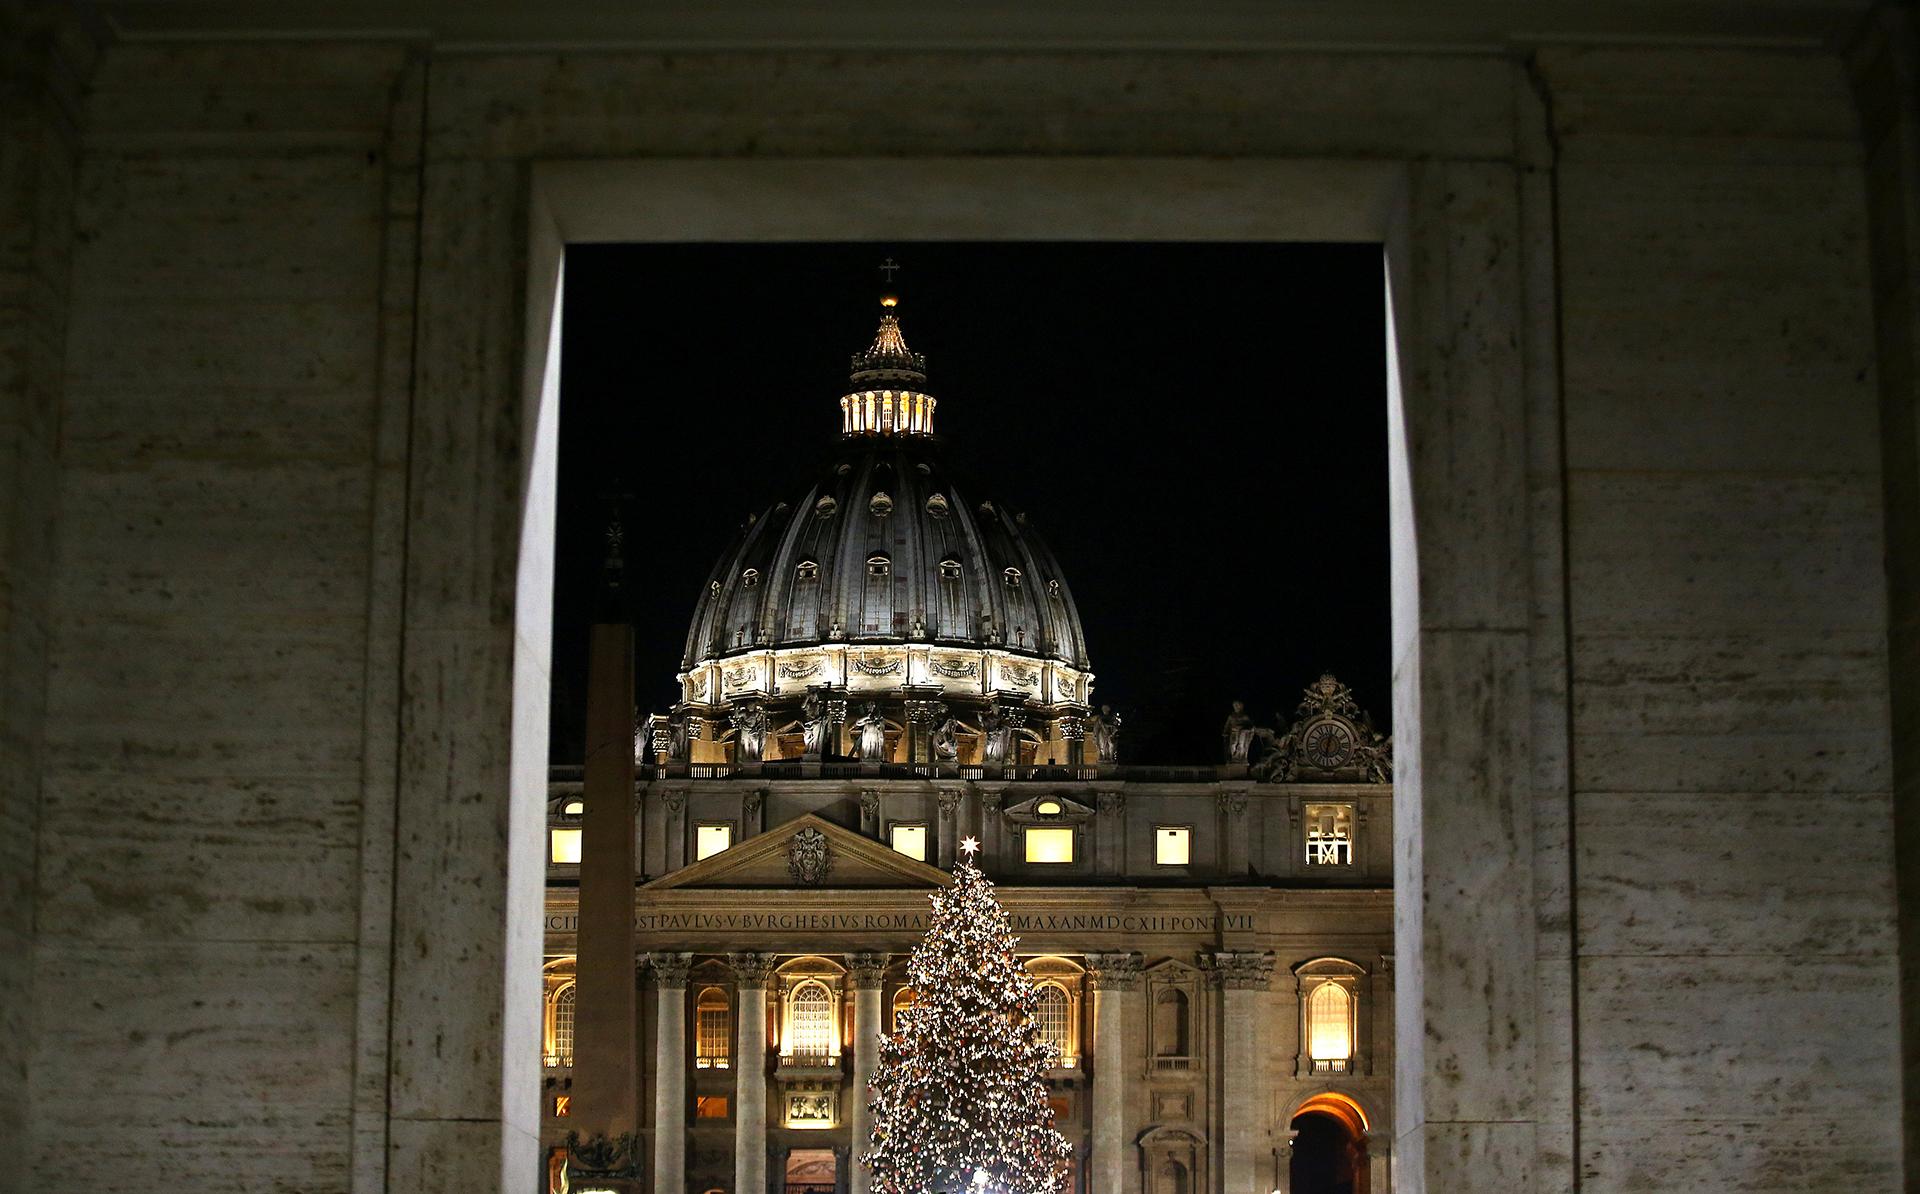 Una imagen del árbol del Vaticano iluminado con la tradicional cúpula detrás